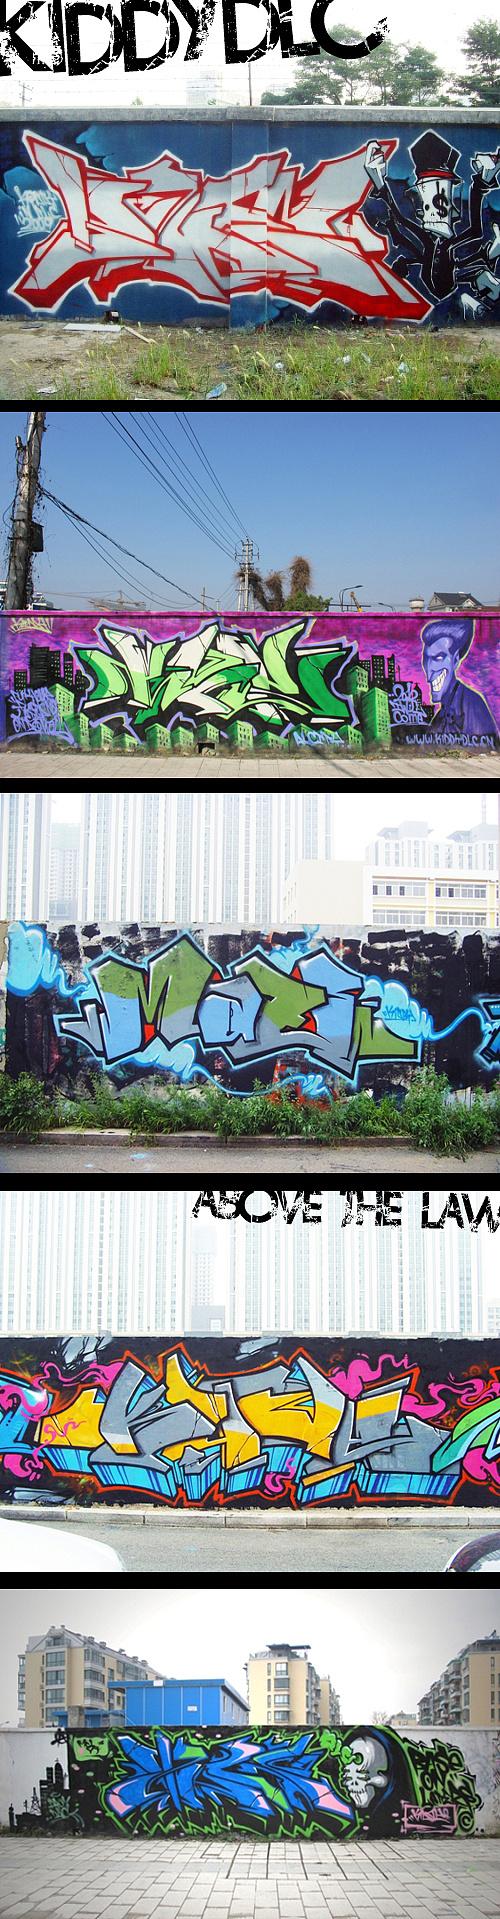 彼���$�yo��a�9k�_my graffiti